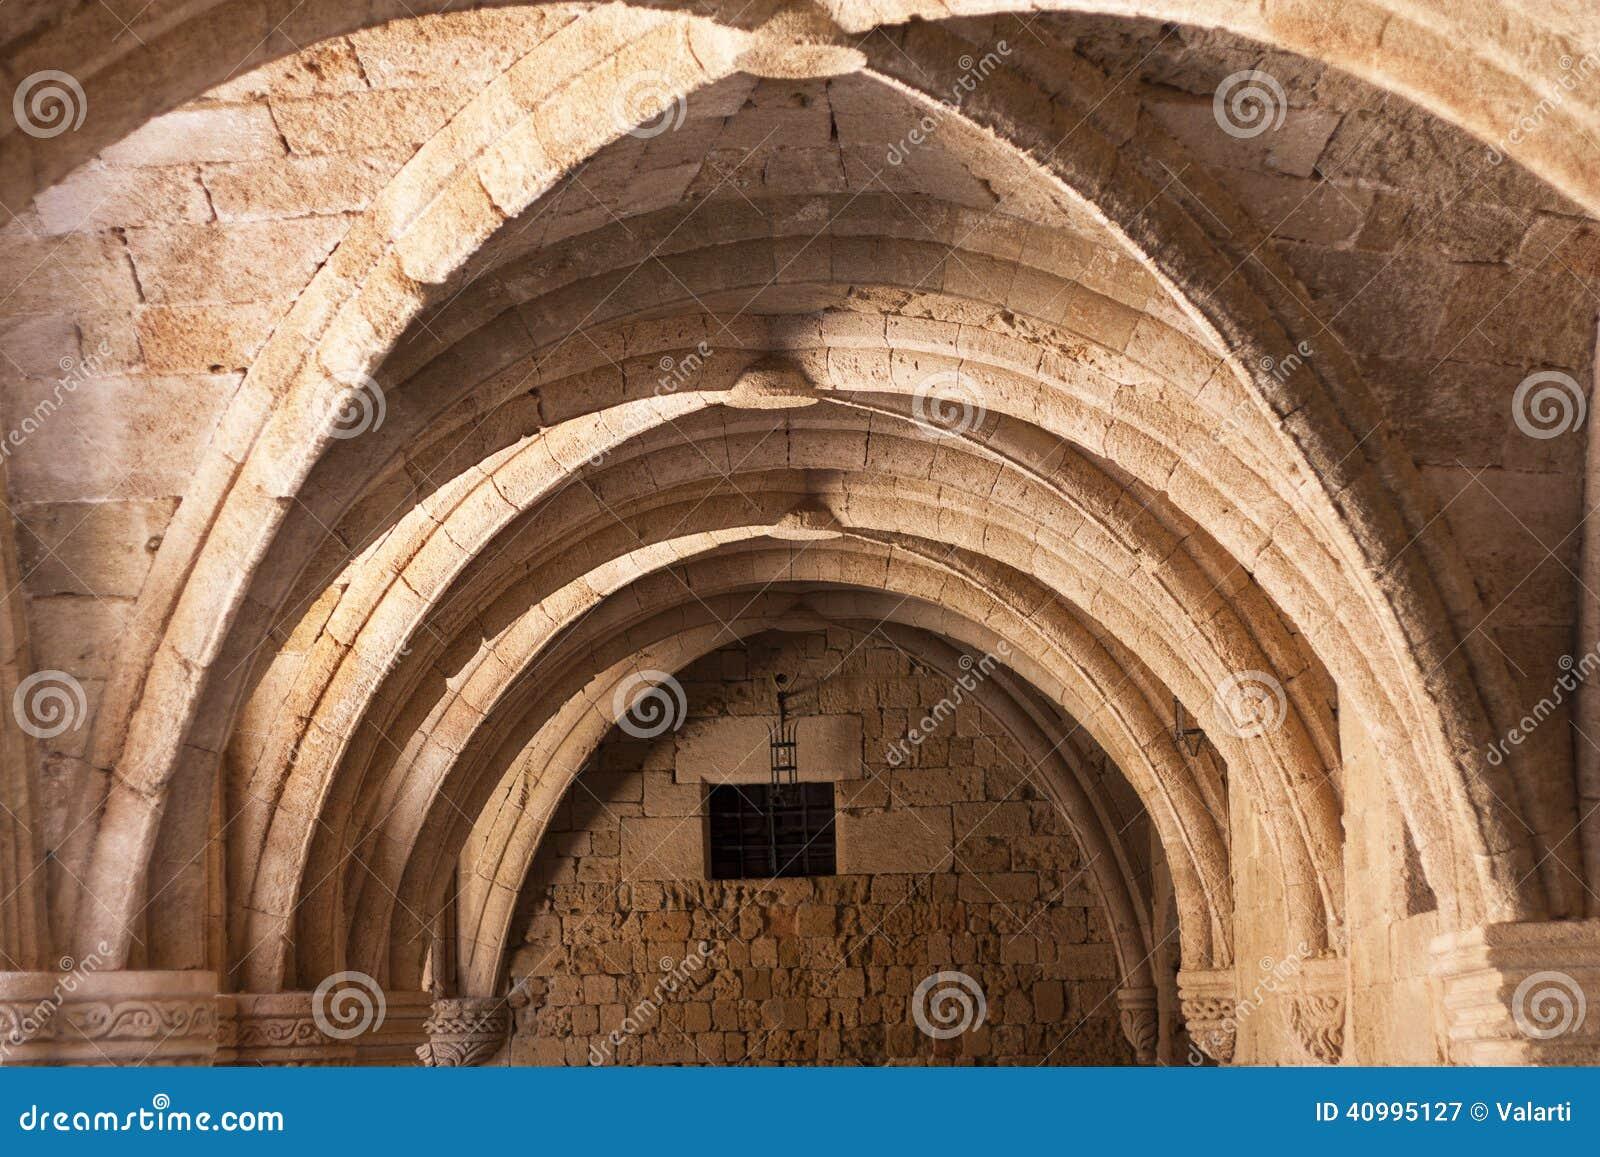 Archäologisches Museum Rhodos das mittelalterliche Gebäude des Krankenhauses der Ritter